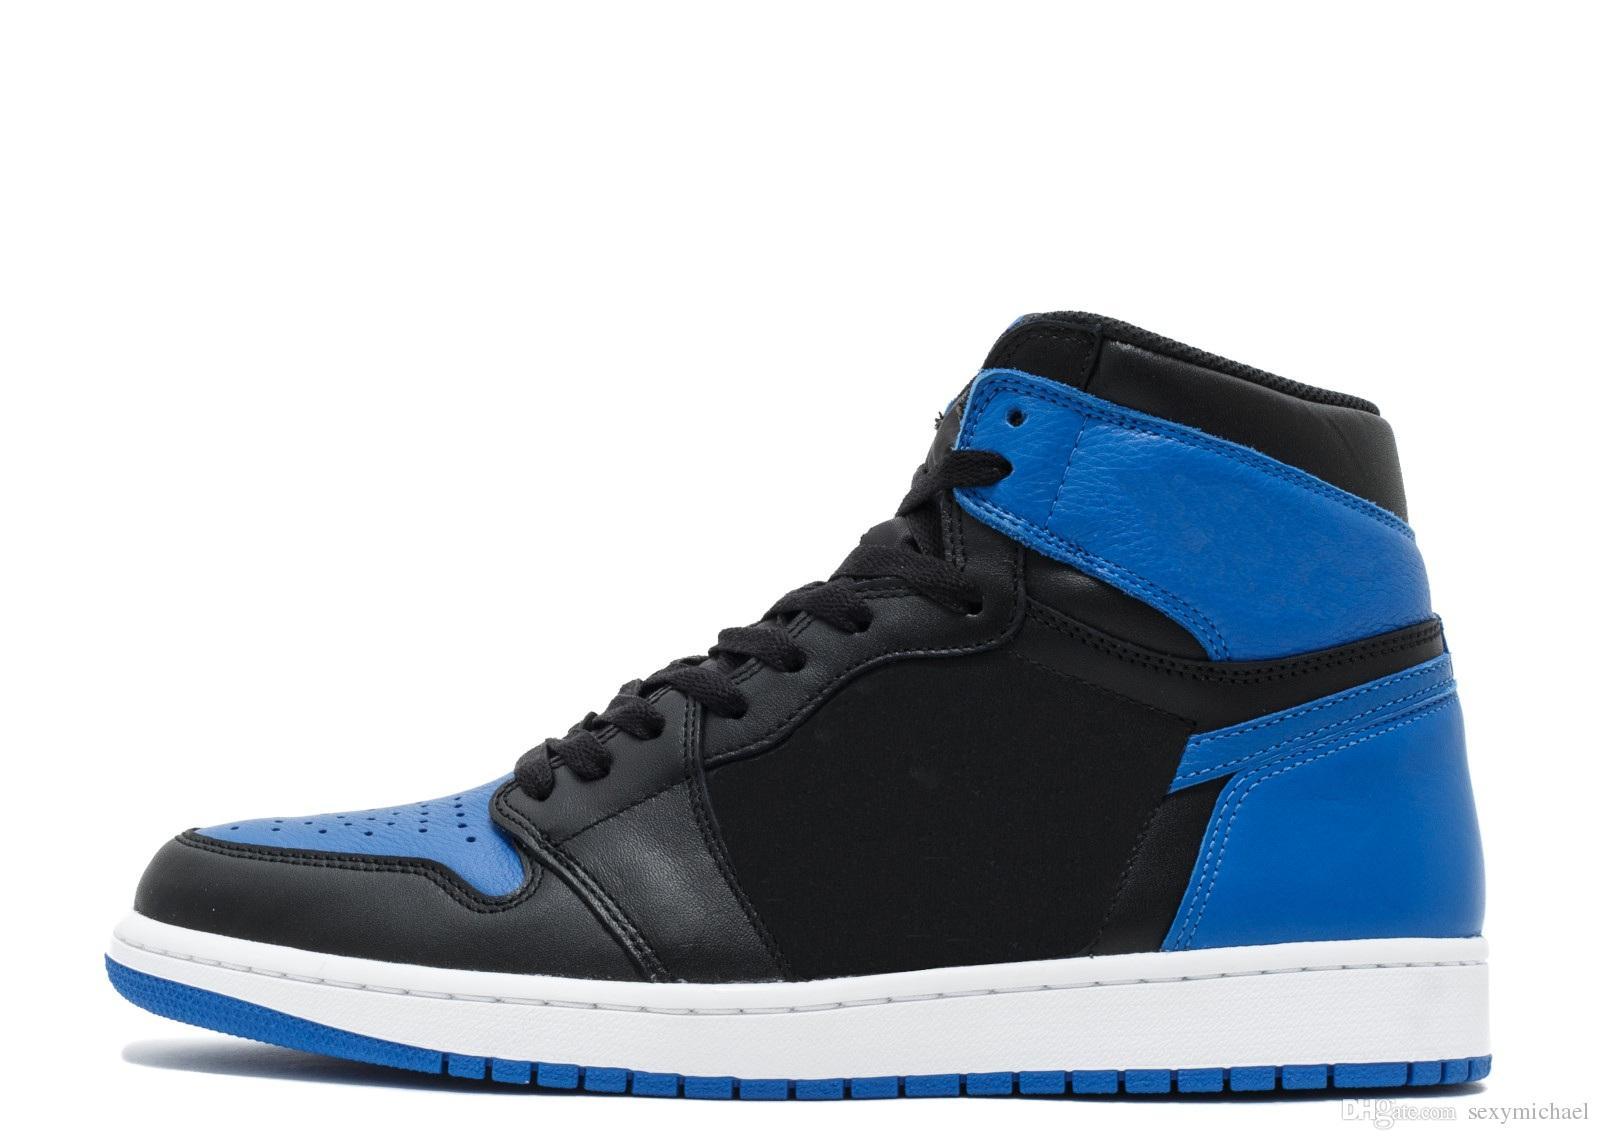 save off 89339 22886 ... De Deporte De Zapatos De Baloncesto Royal Blue Version Factory 1 Para  Hombre Nuevas Zapatillas De Deporte De Diseño De 2018 Con Cajas De Michael  Sports ...